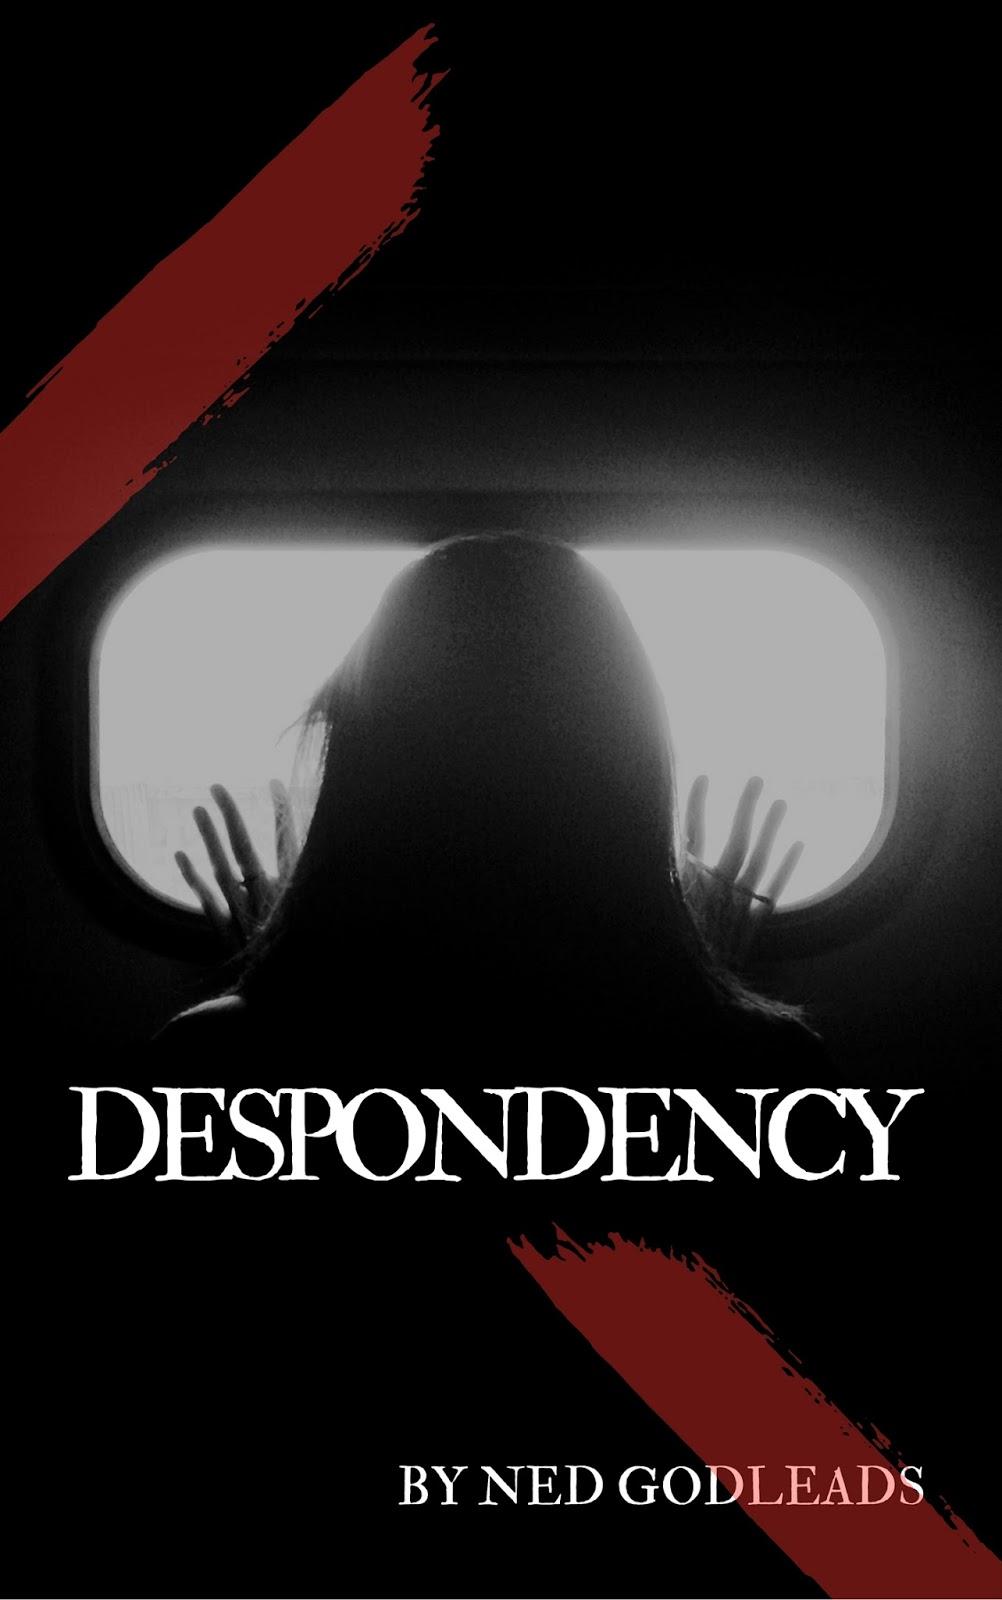 Despondency by Ned Godleads